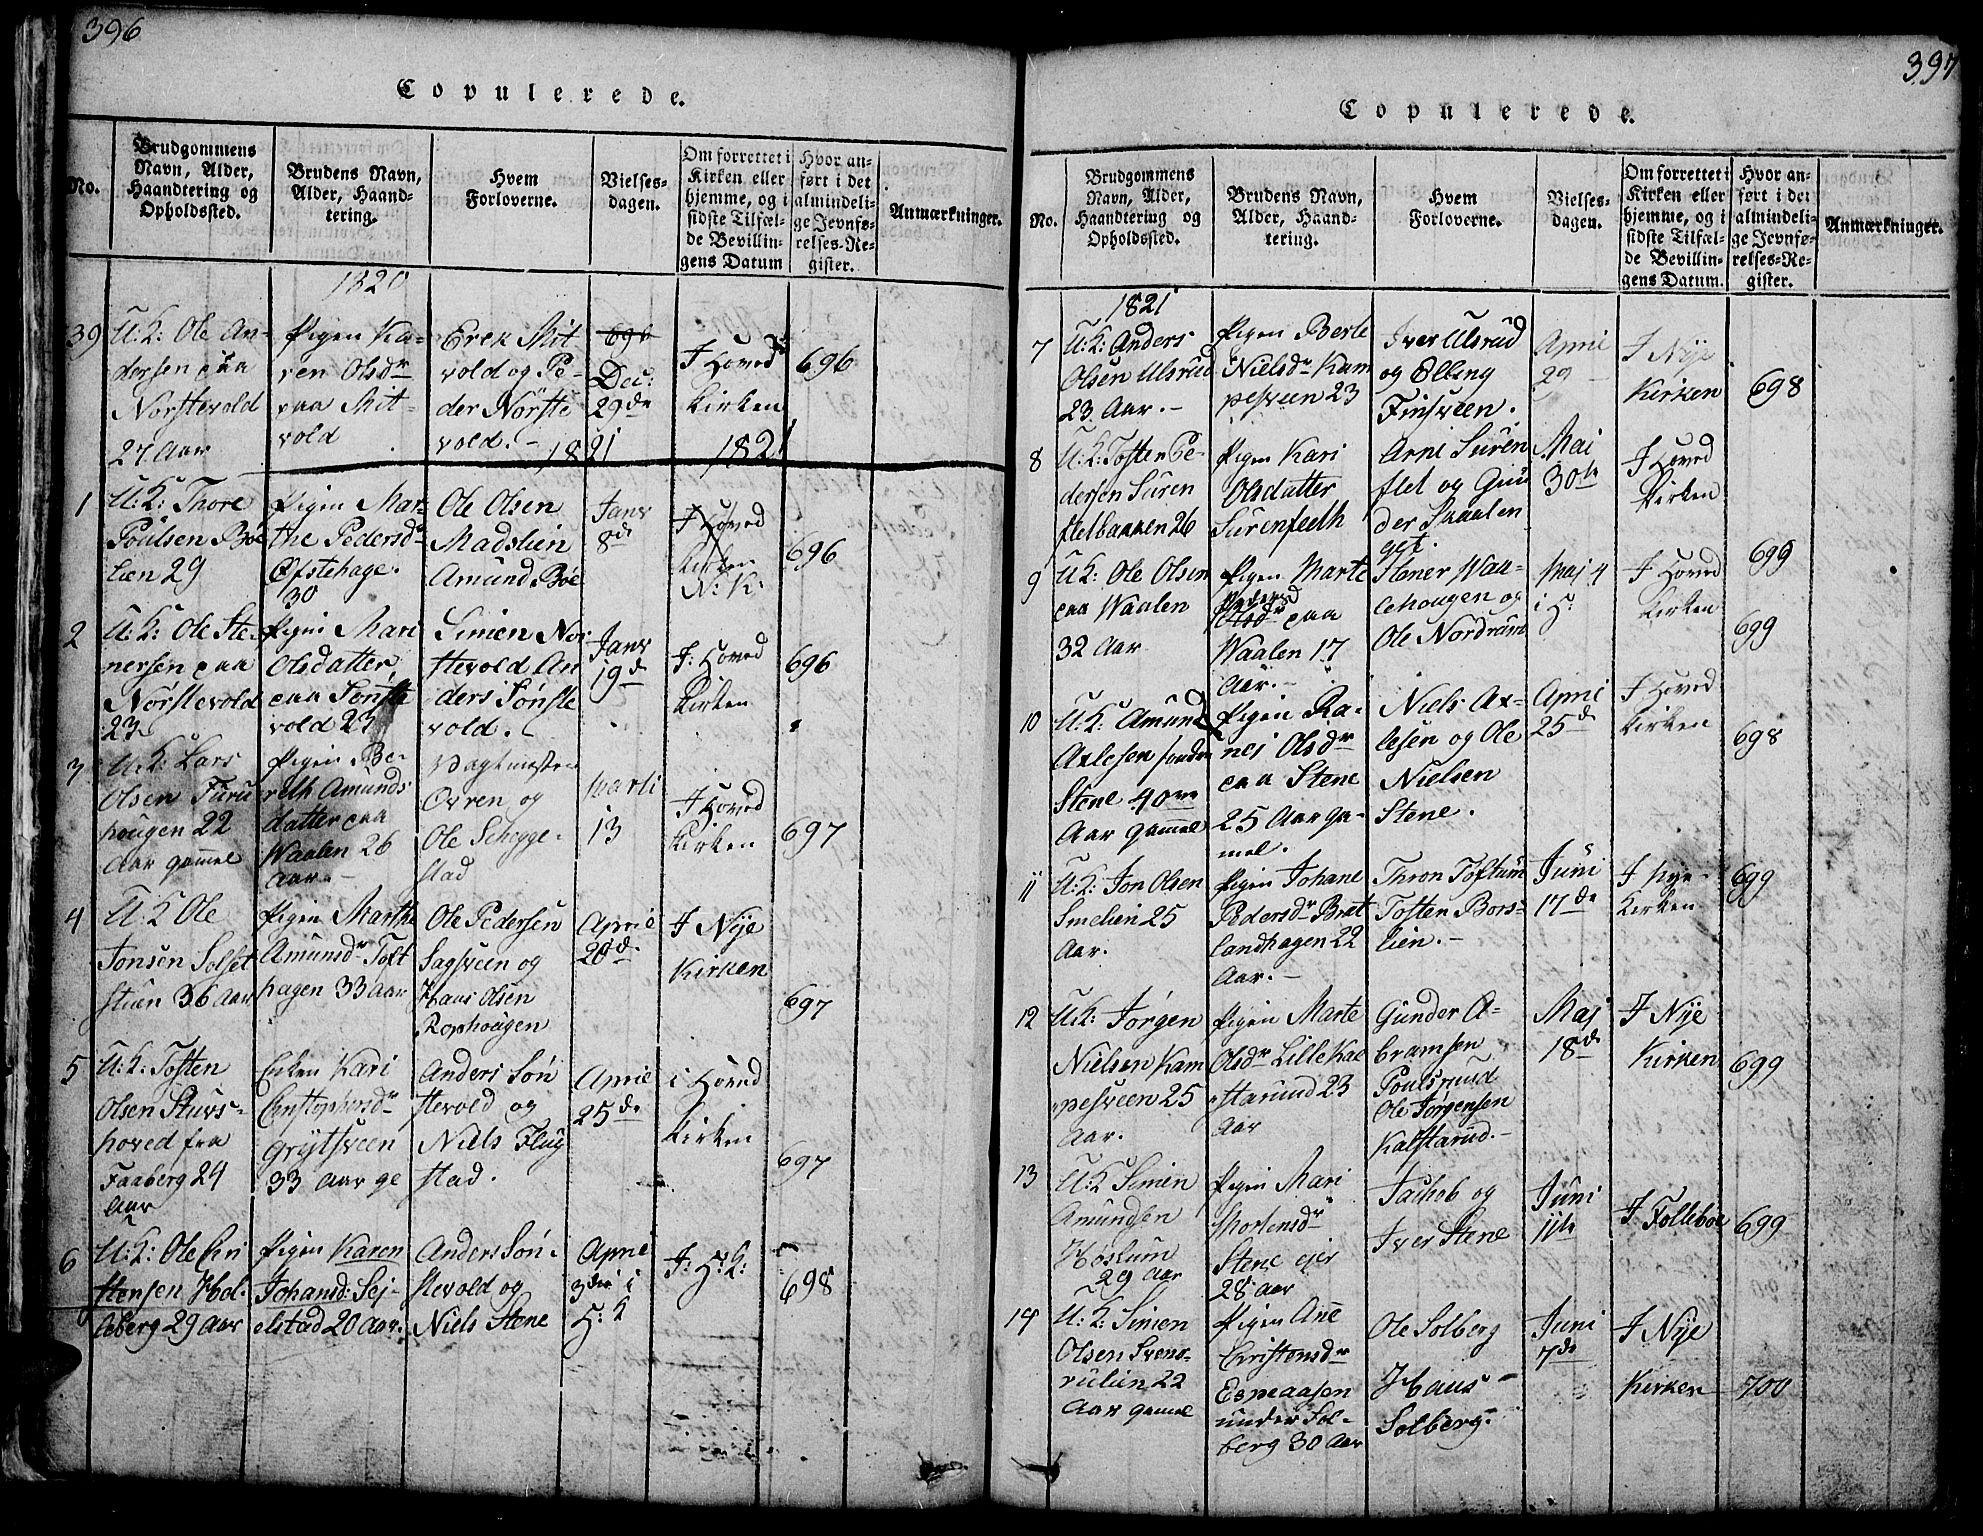 SAH, Gausdal prestekontor, Klokkerbok nr. 1, 1817-1848, s. 396-397